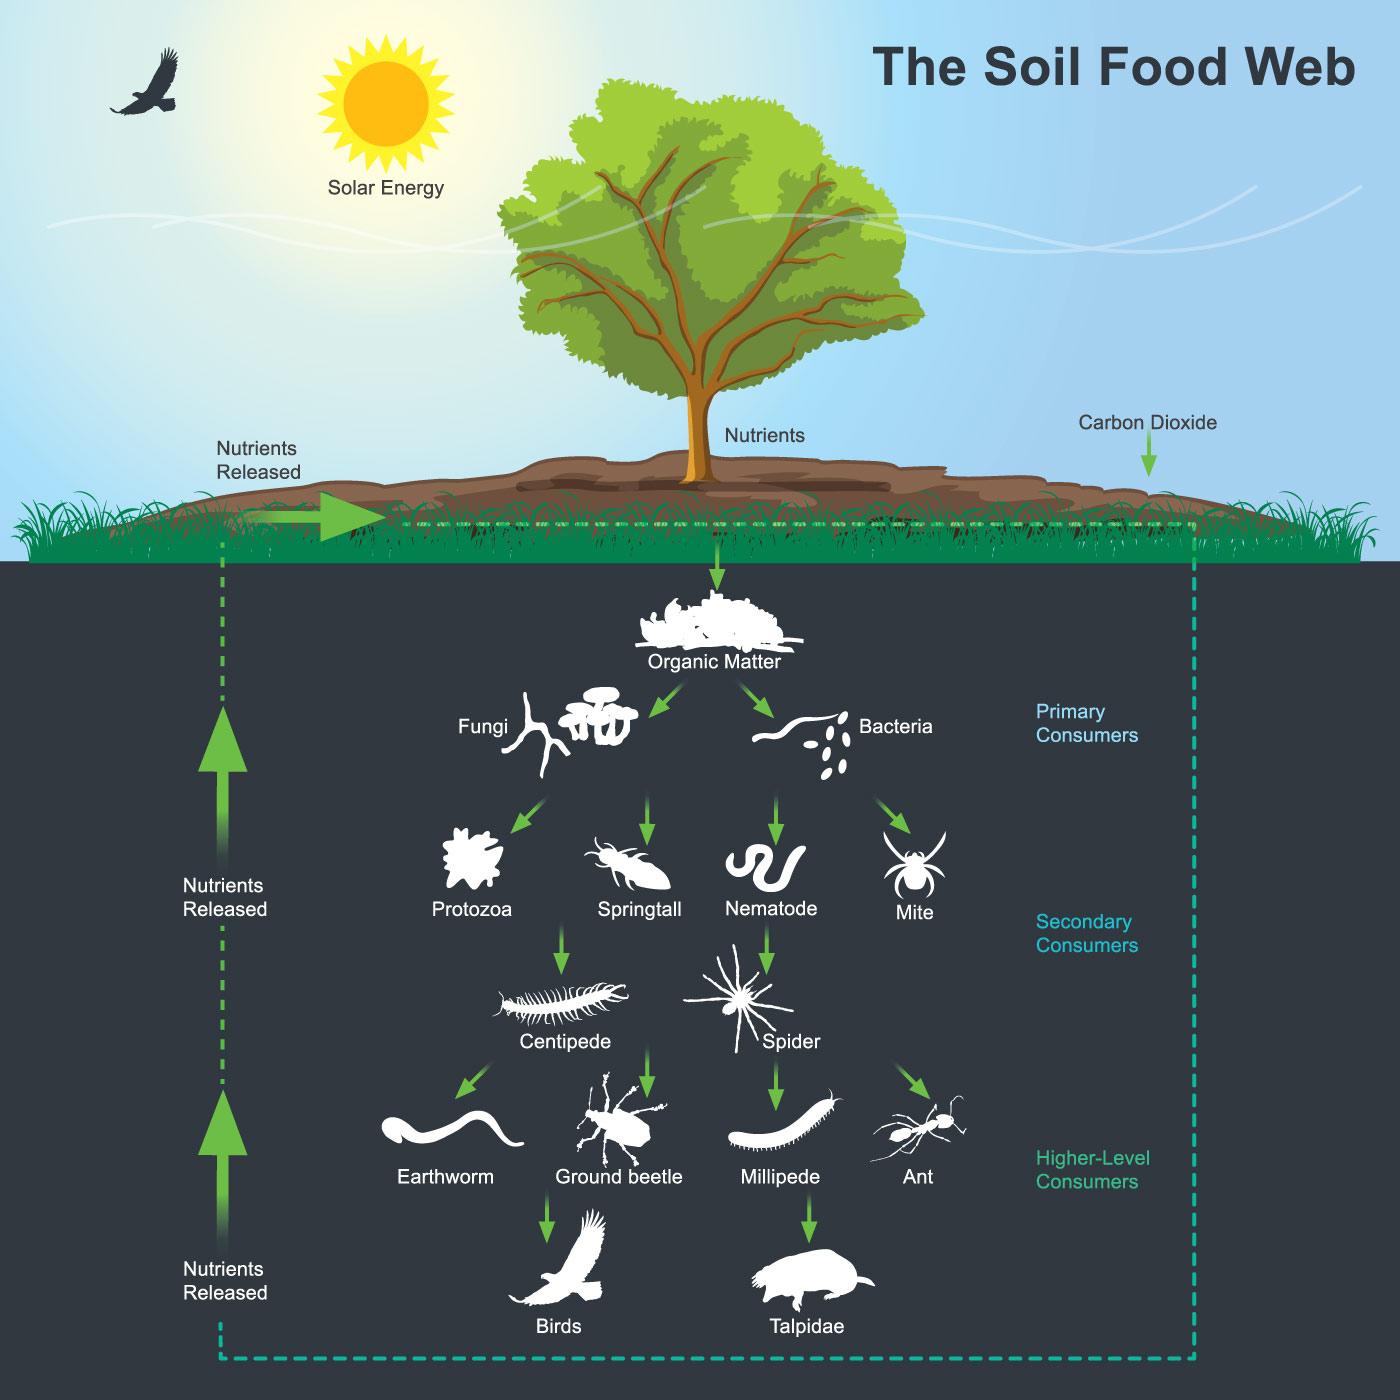 diagram of soil food web